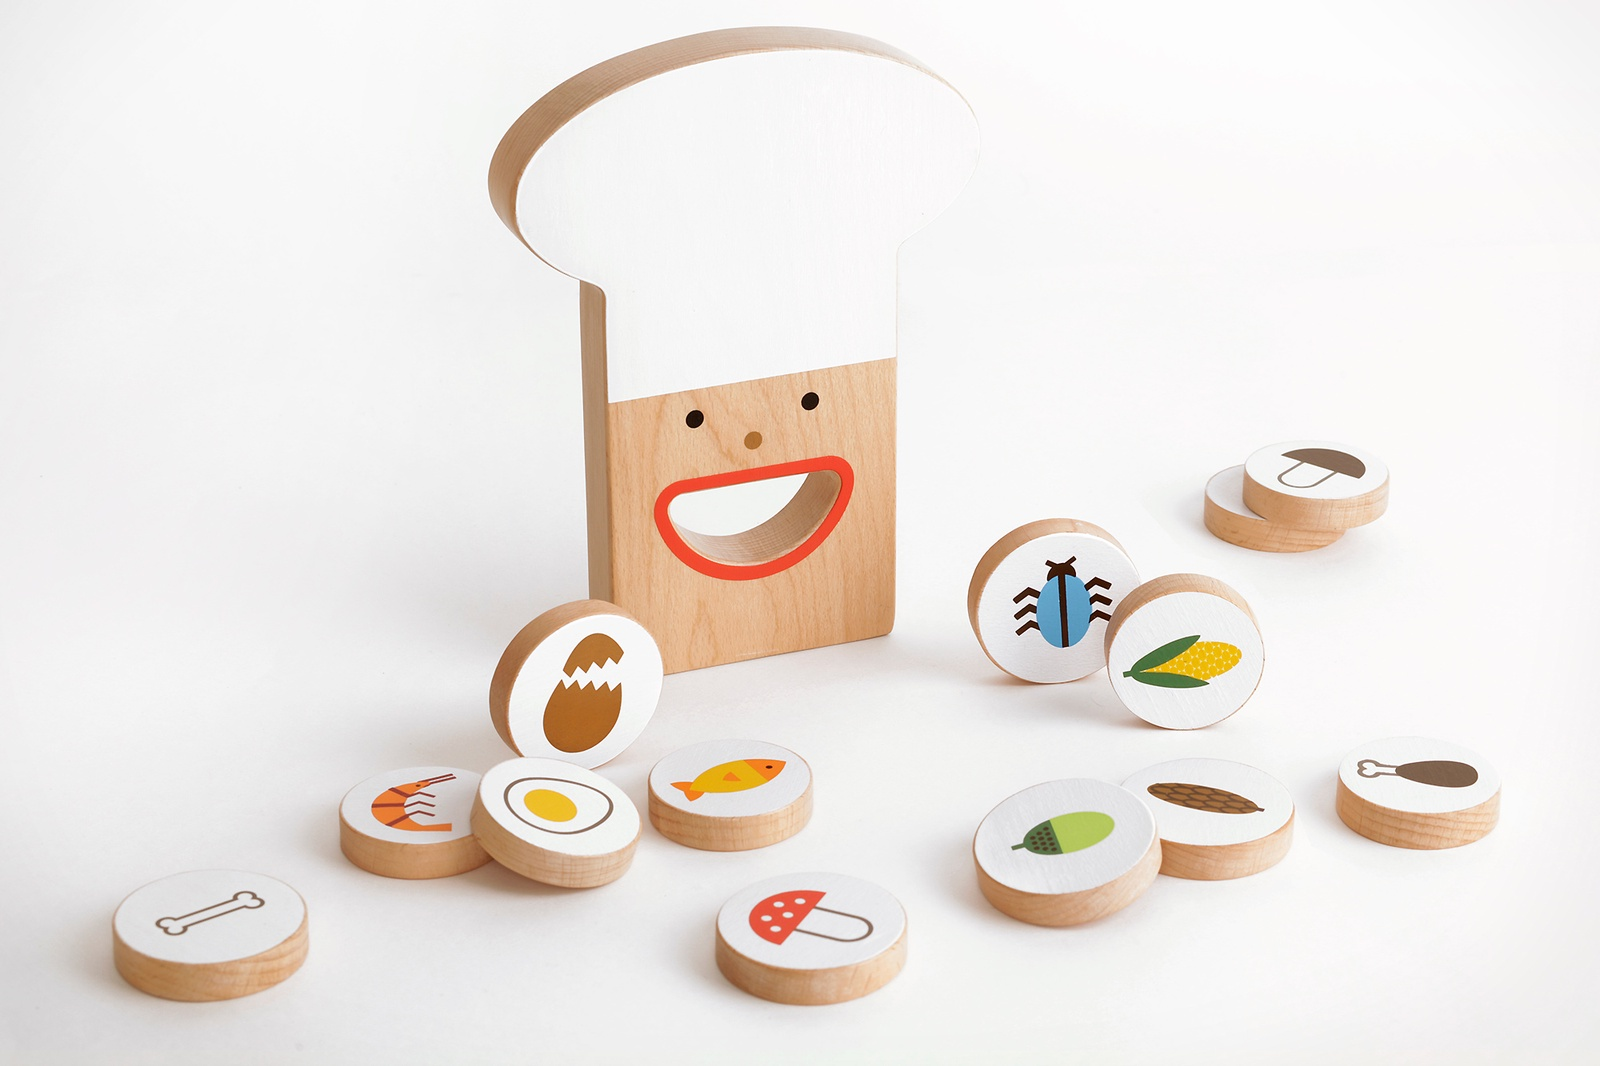 Игровой набор Shusha Съедобное-несъедобное, 00192 игры для малышей shusha развивающая игра съедобное несъедобное